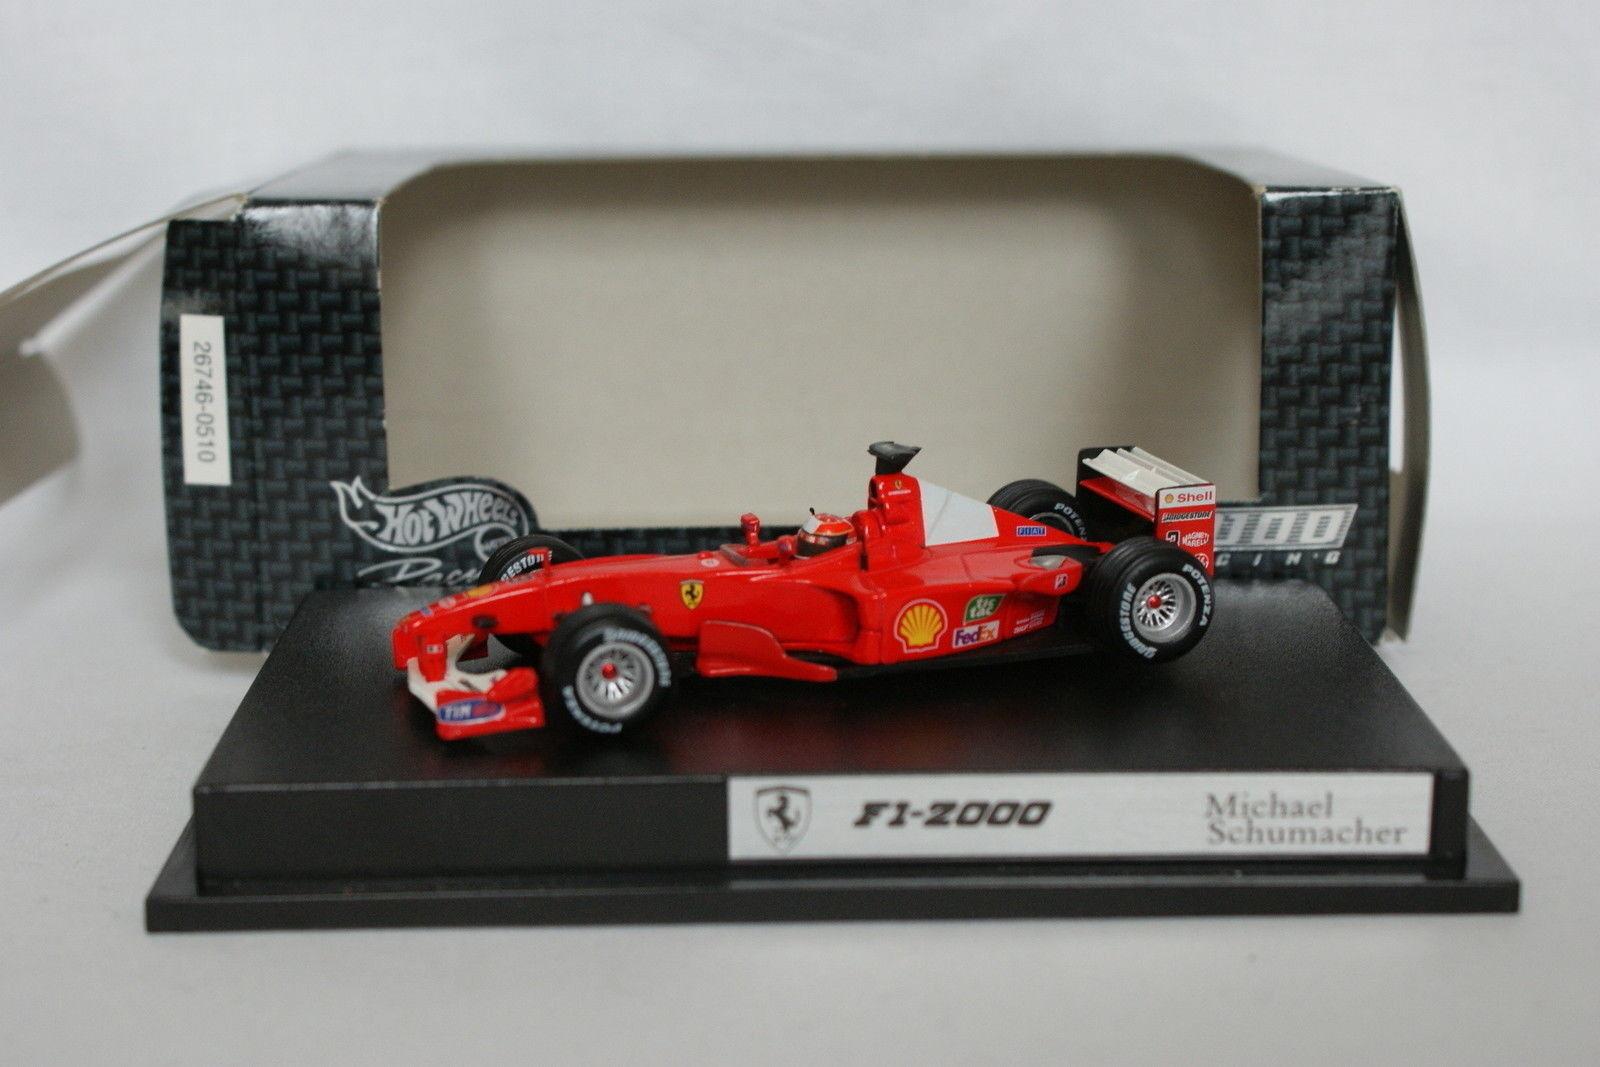 Hot Wheels 1 43 - F1 Ferrari 2000 Schumacher